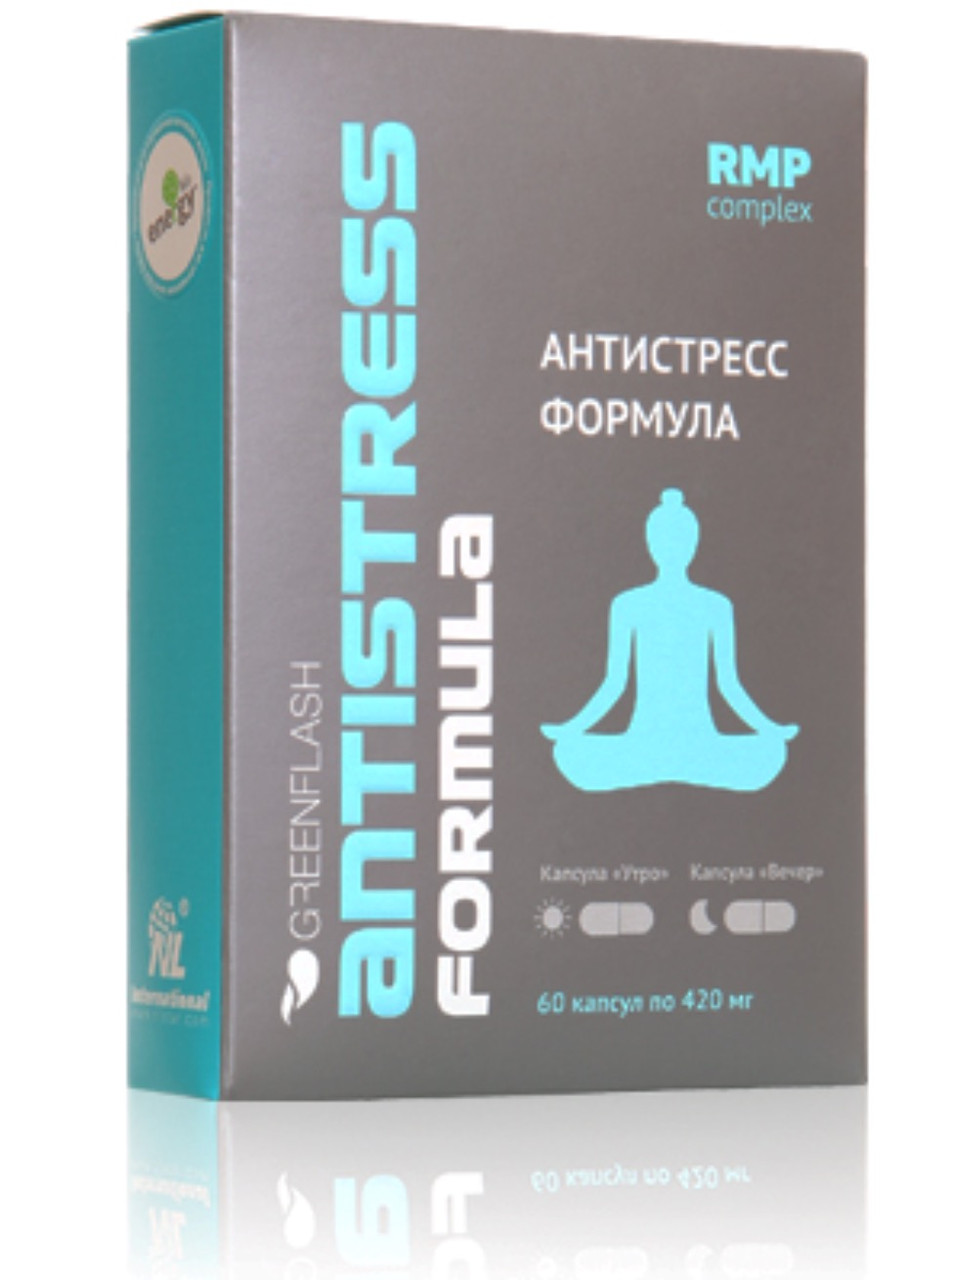 Antistress Formula - Антистресс формула, Защита от стресса.